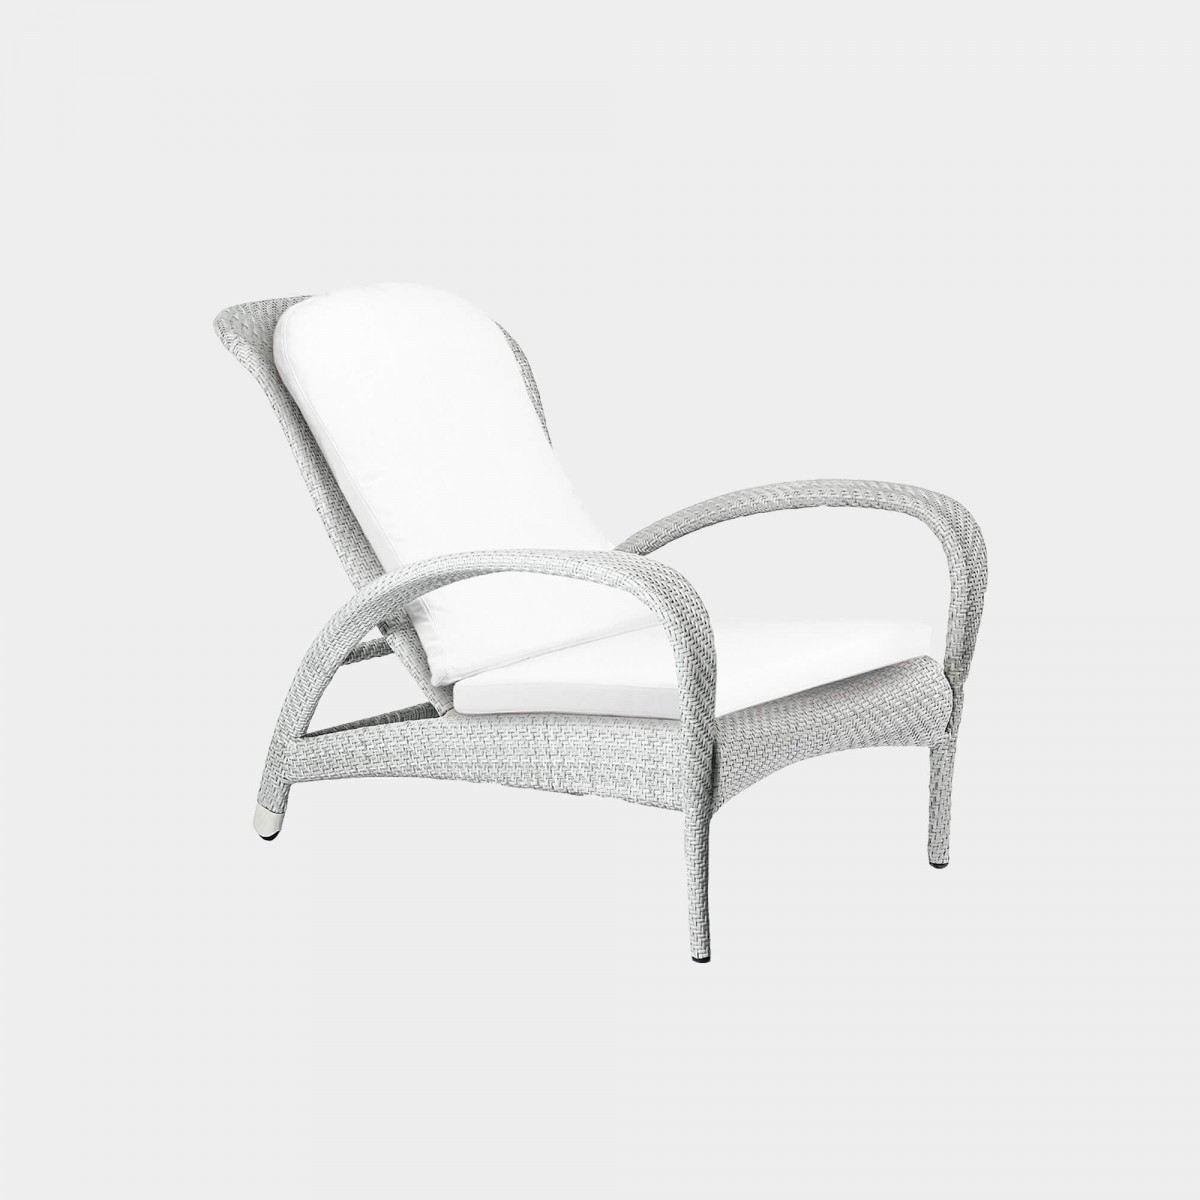 Full Size of Liegesessel Verstellbar Dedon Tango Basalto Online Kaufen Zawoh Sofa Mit Verstellbarer Sitztiefe Wohnzimmer Liegesessel Verstellbar